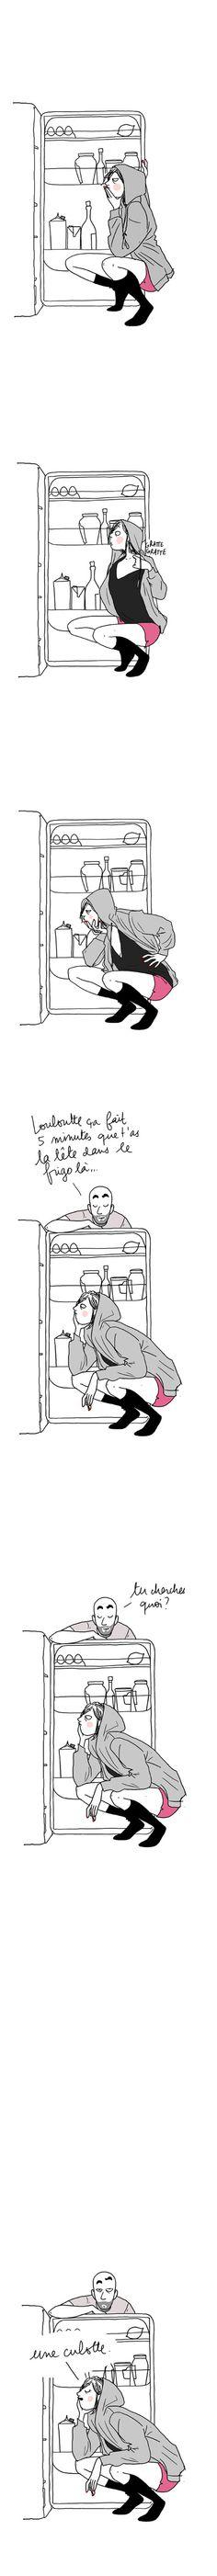 """More illustrations LINE BOTWIN """"lol"""" -  Je suis pas bien configuré le matin.. #matin #frigo #humour"""